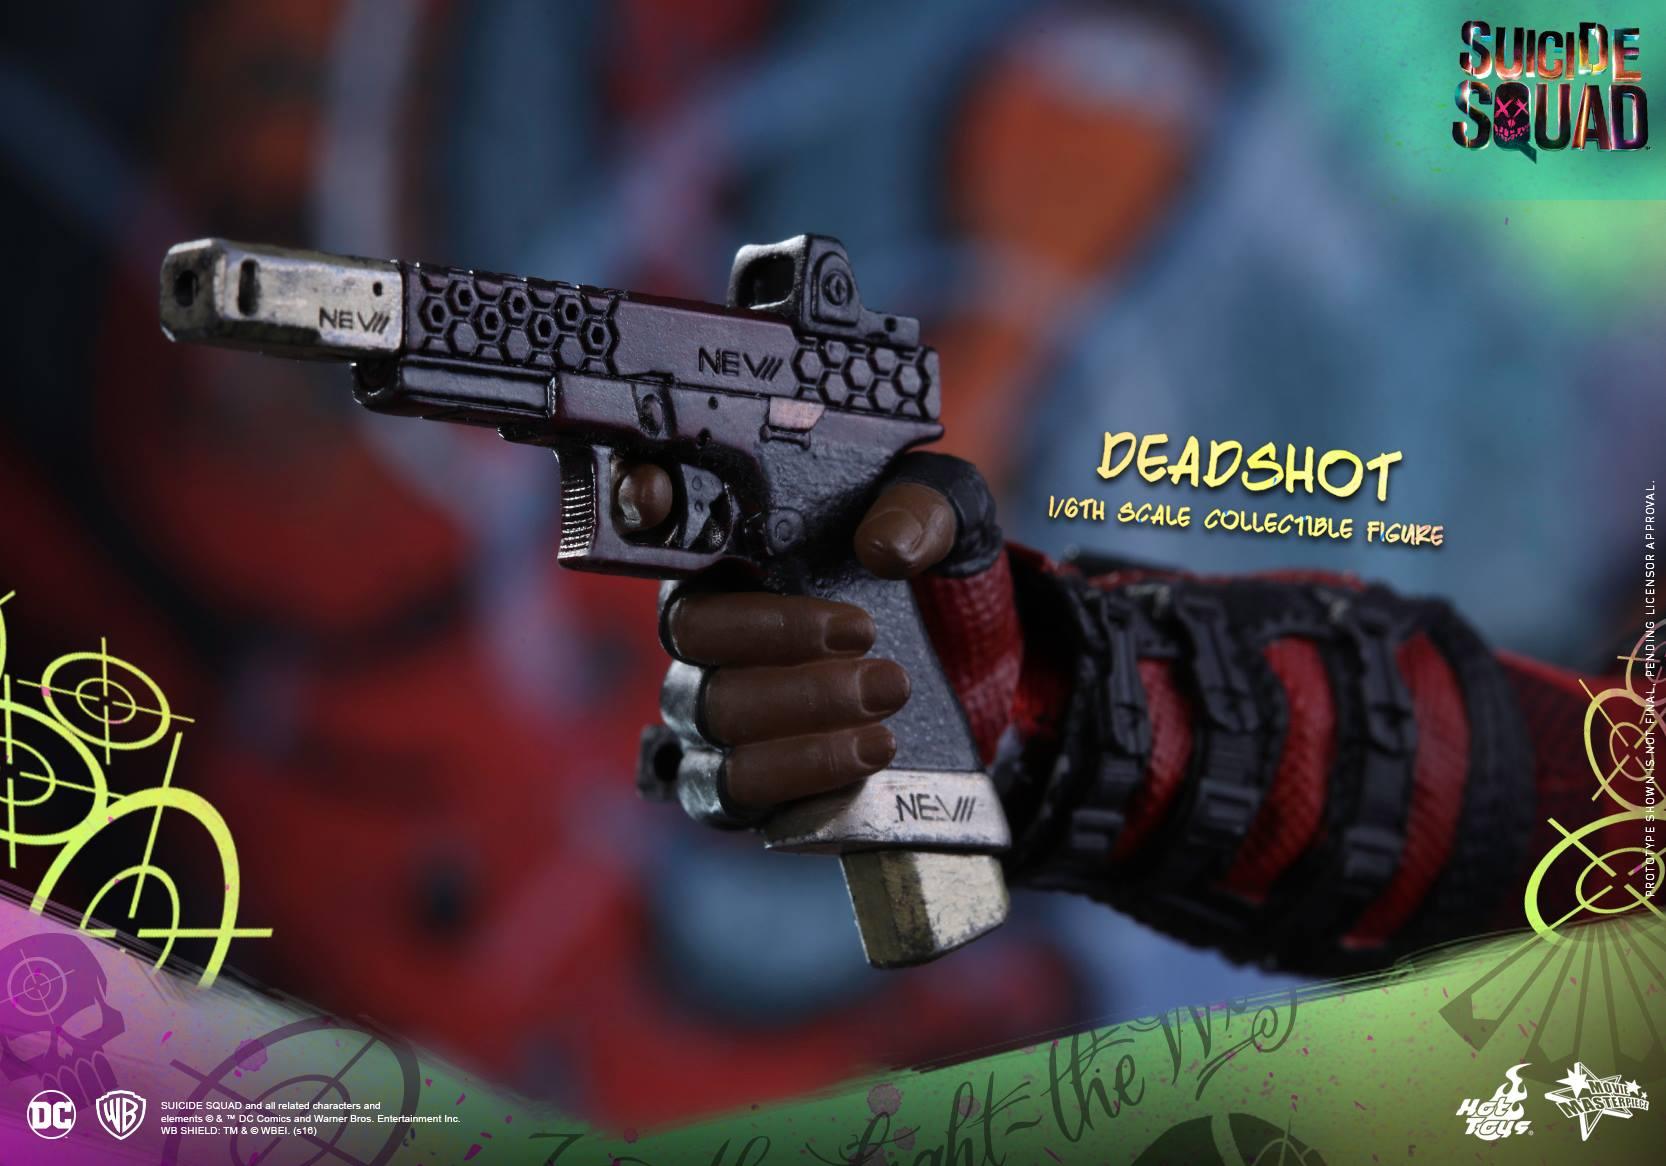 Hot-Toys-Suicide-Squad-Deadshot-17